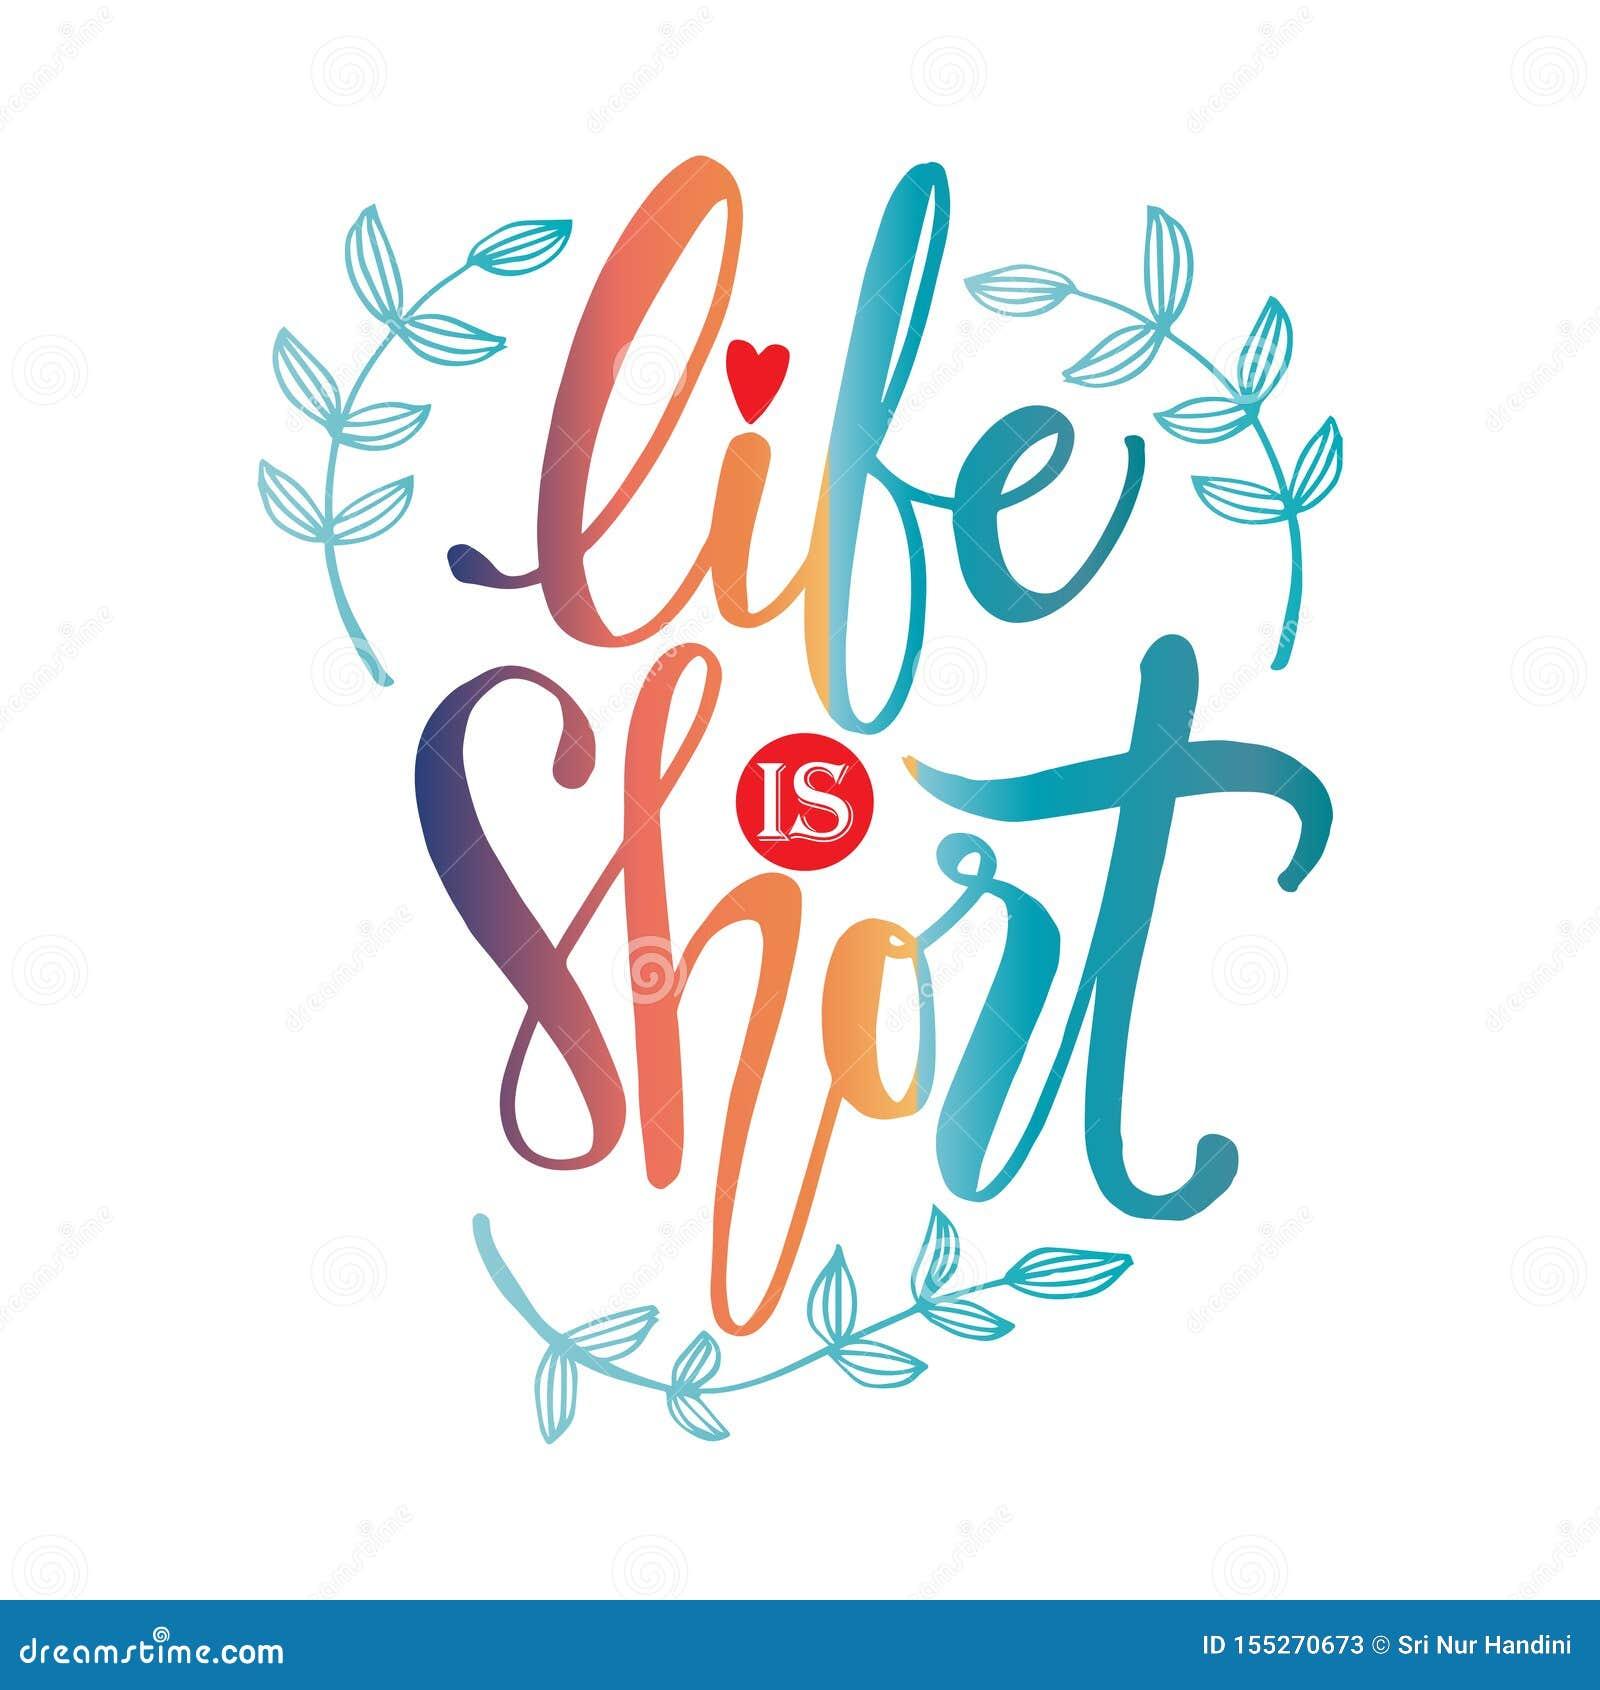 La Vie Est Courte Citation De Motivation Illustration De